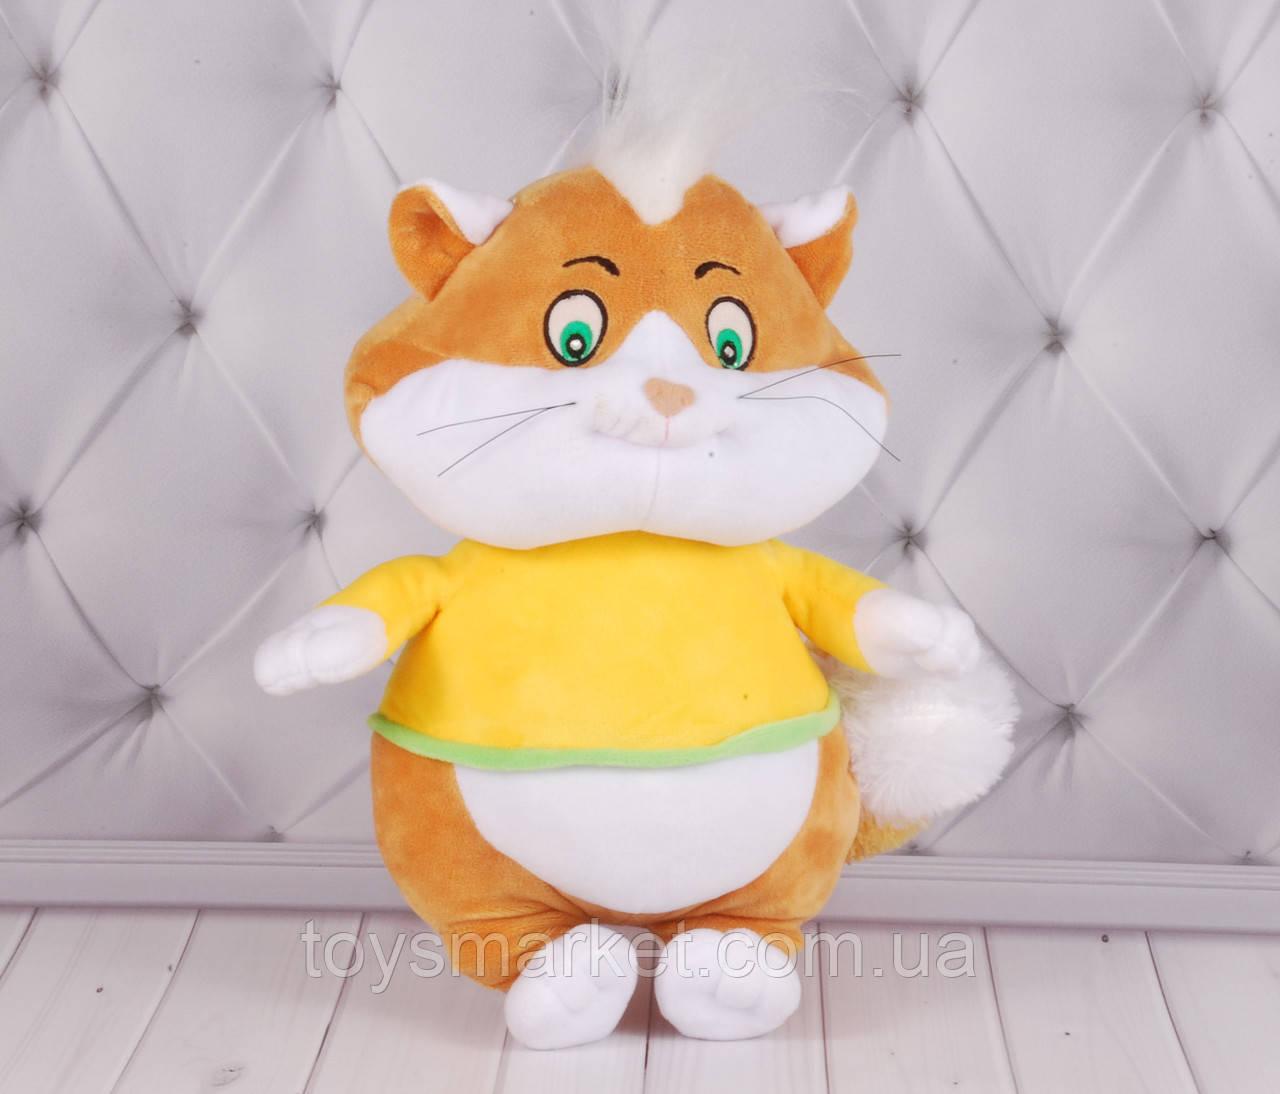 """М'яка іграшка кіт Пончик, Фрикаделька """"44 кота"""", плюшевий кіт, """"44 кошеня"""""""